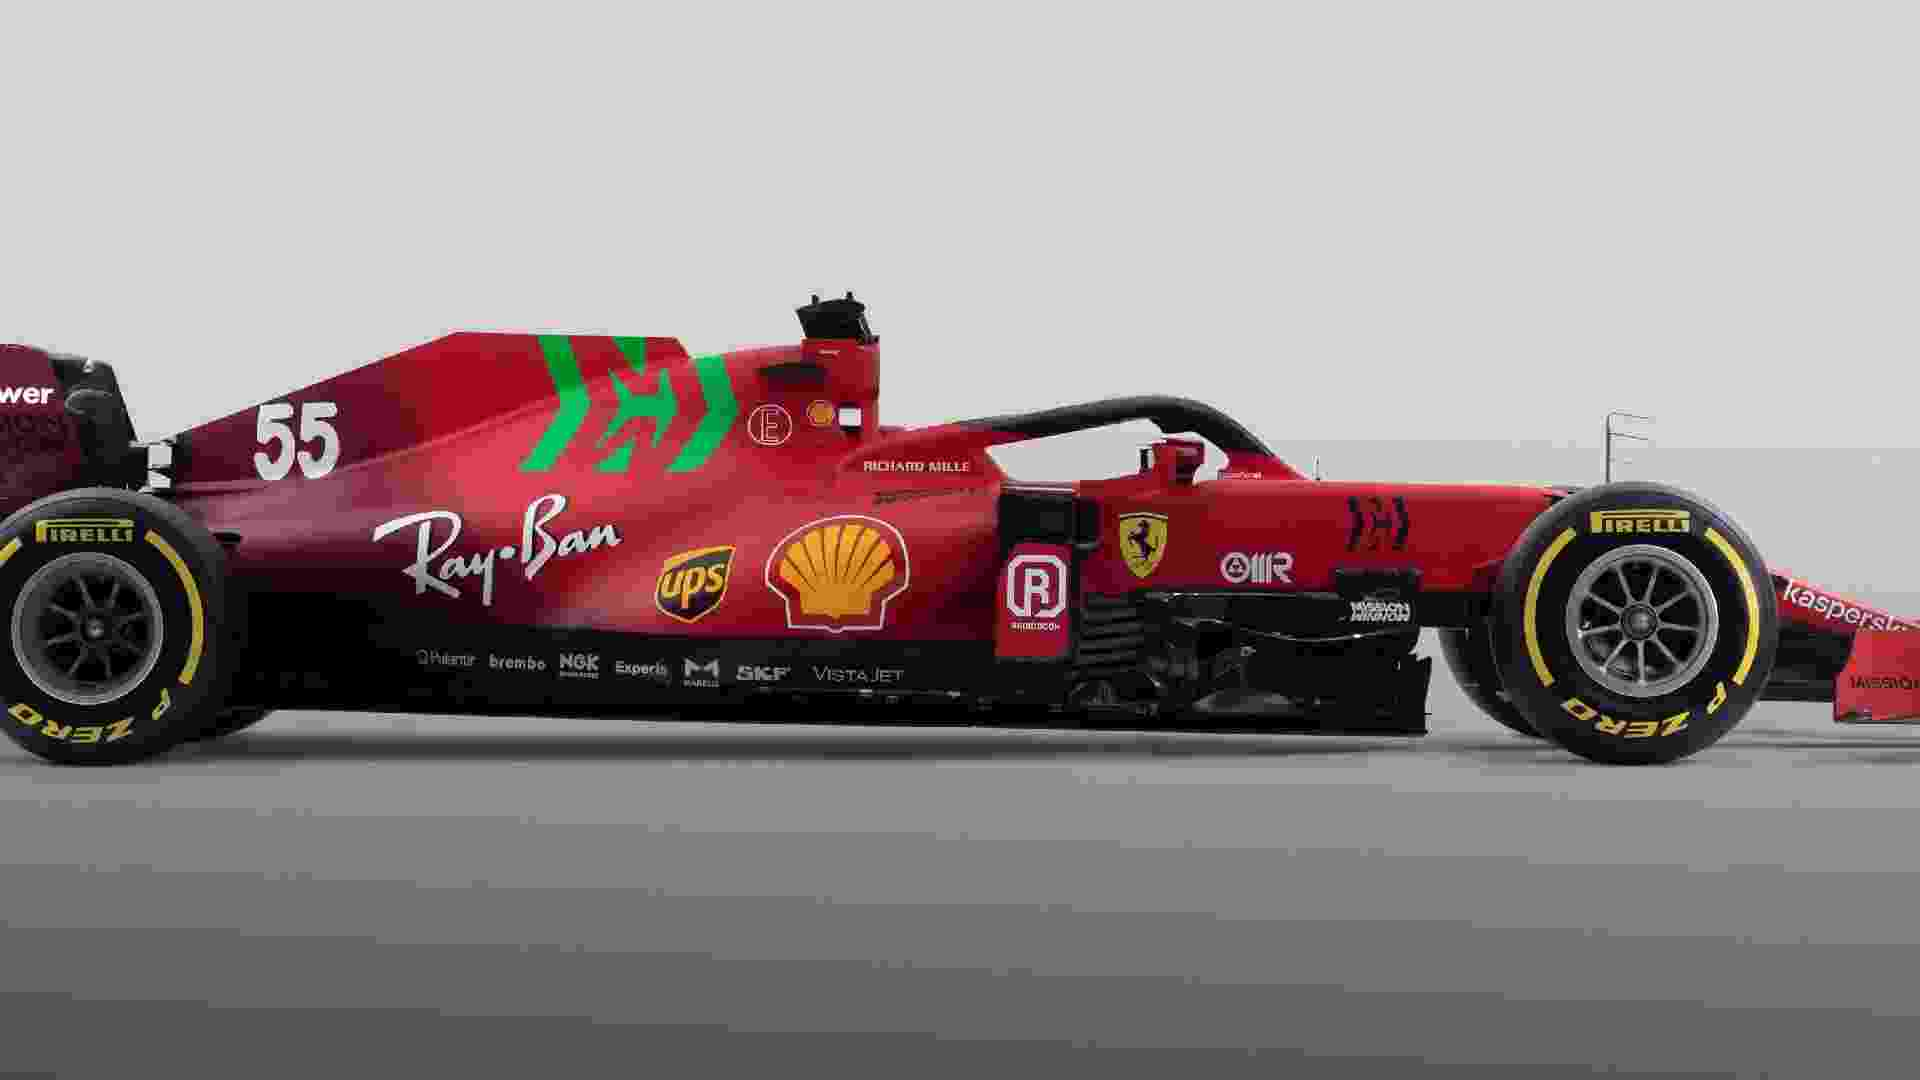 Carro da Ferrari foi aprensentado apenas dois dias antes dos testes da F1 - Ferrari/Divulgação